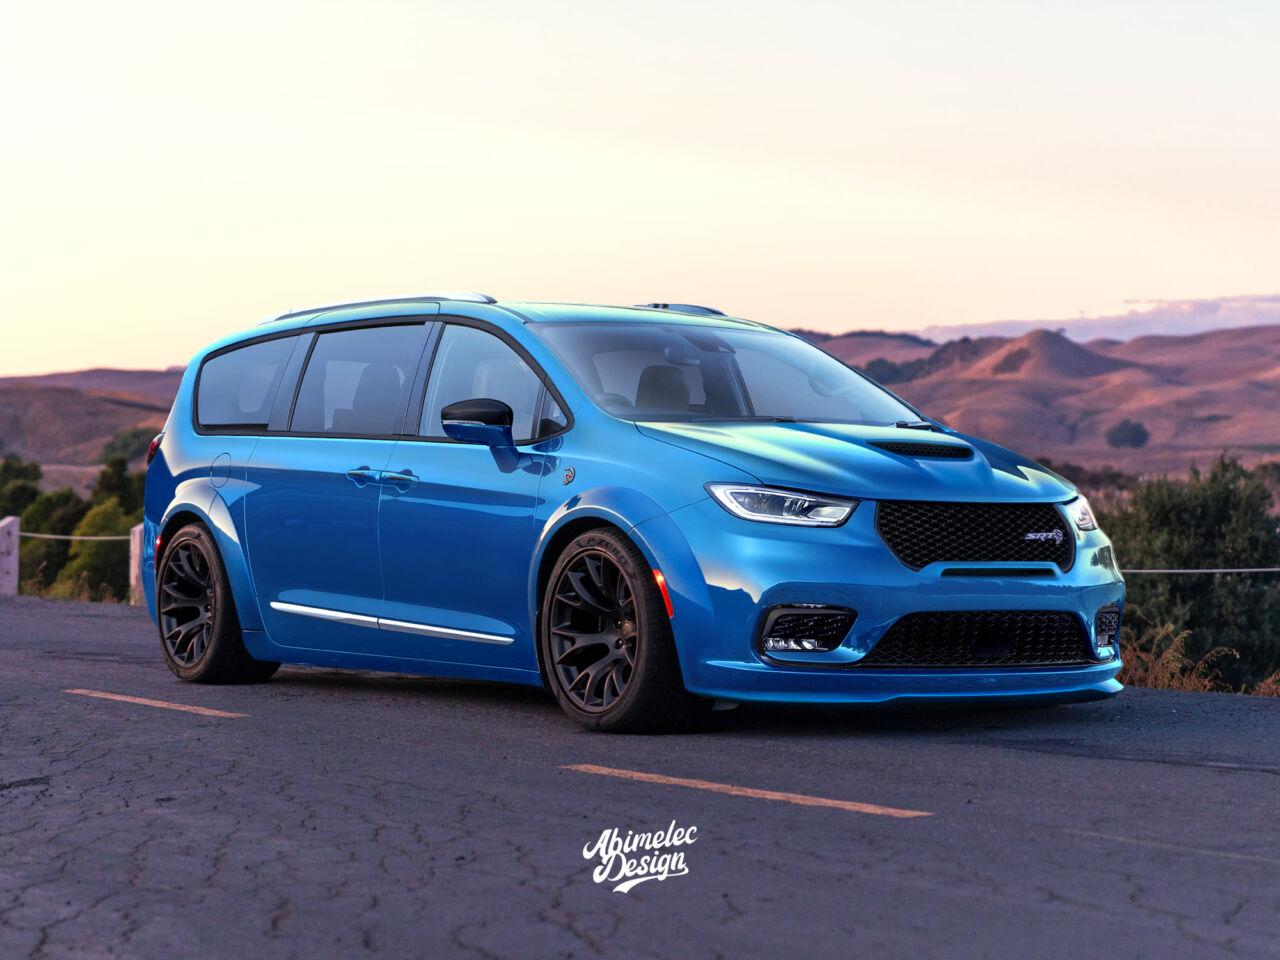 Chrysler Pacifica Render